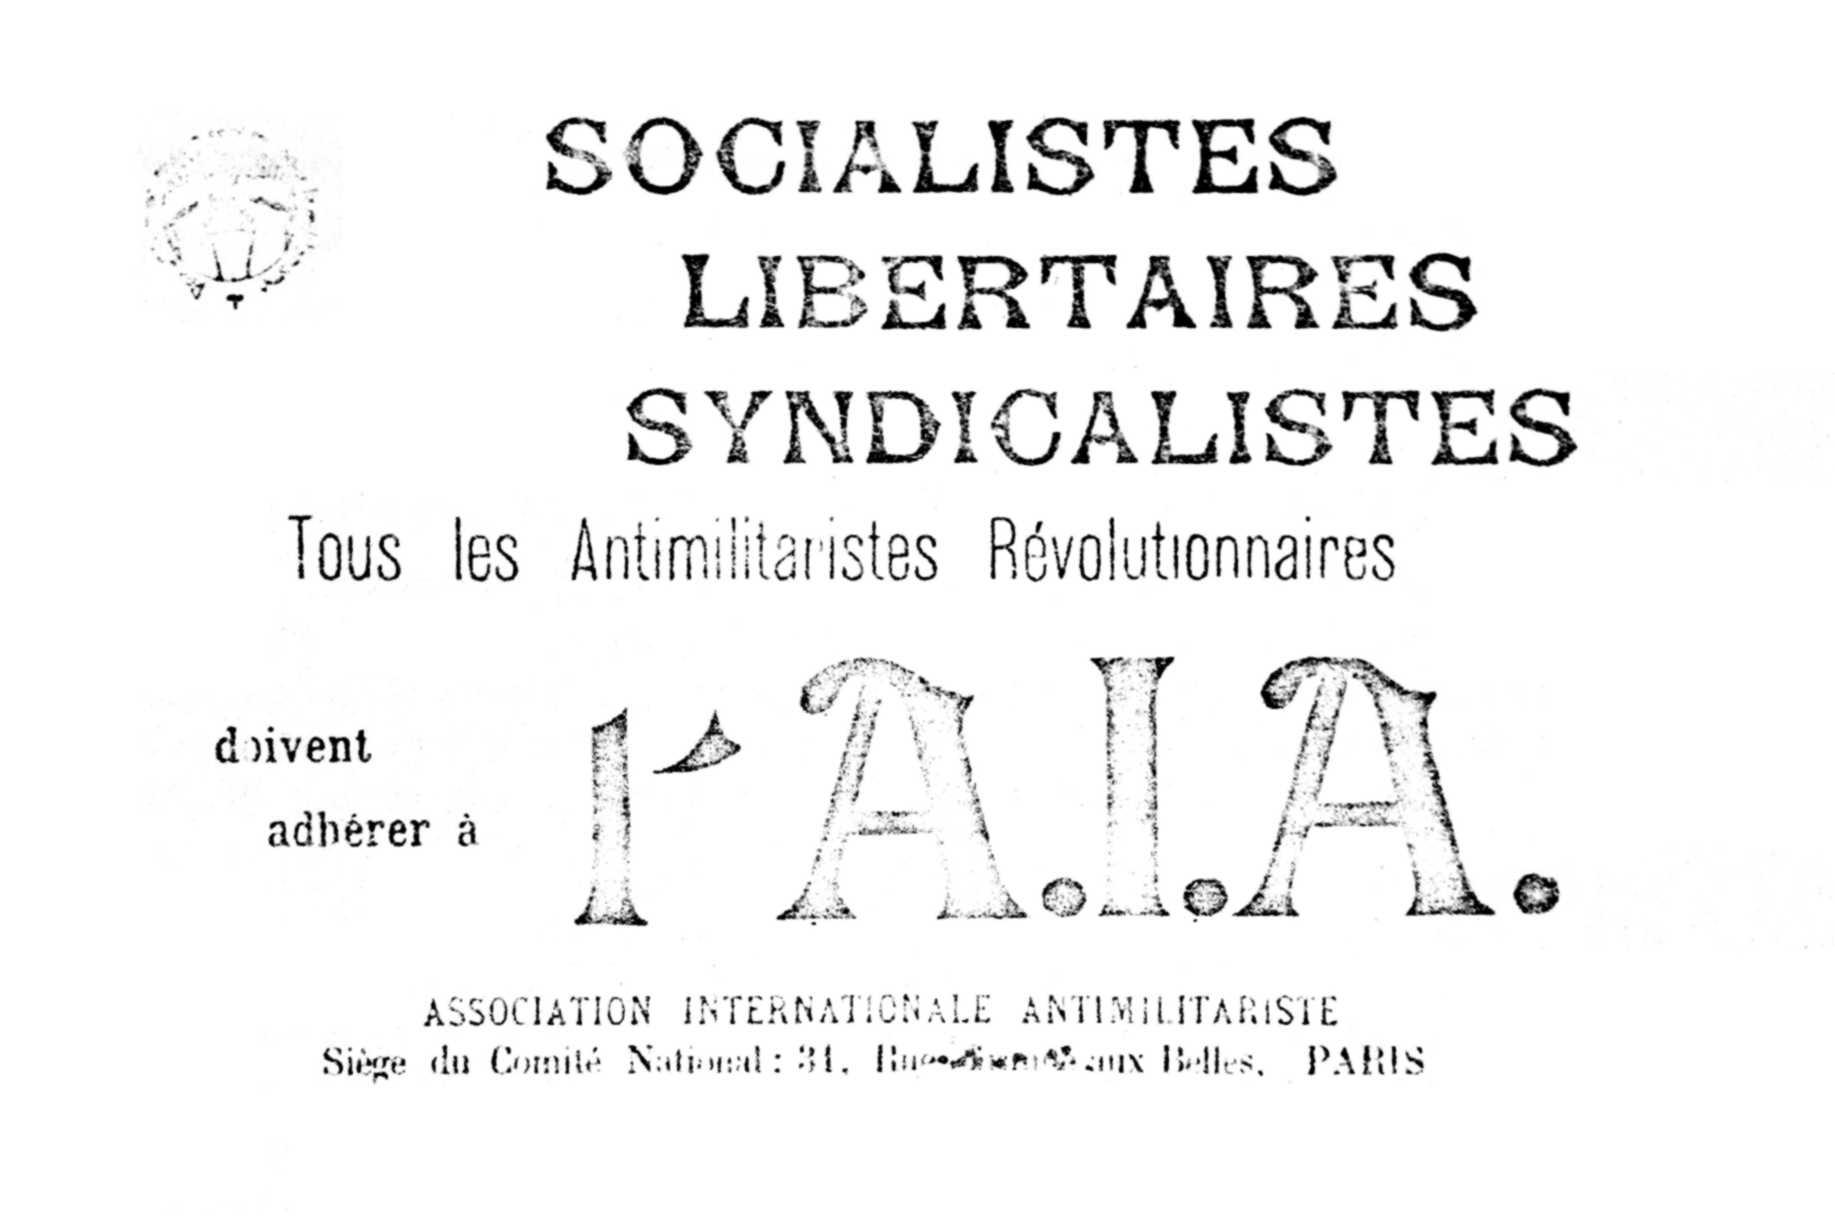 Adhesiu de l'AIA (1906)